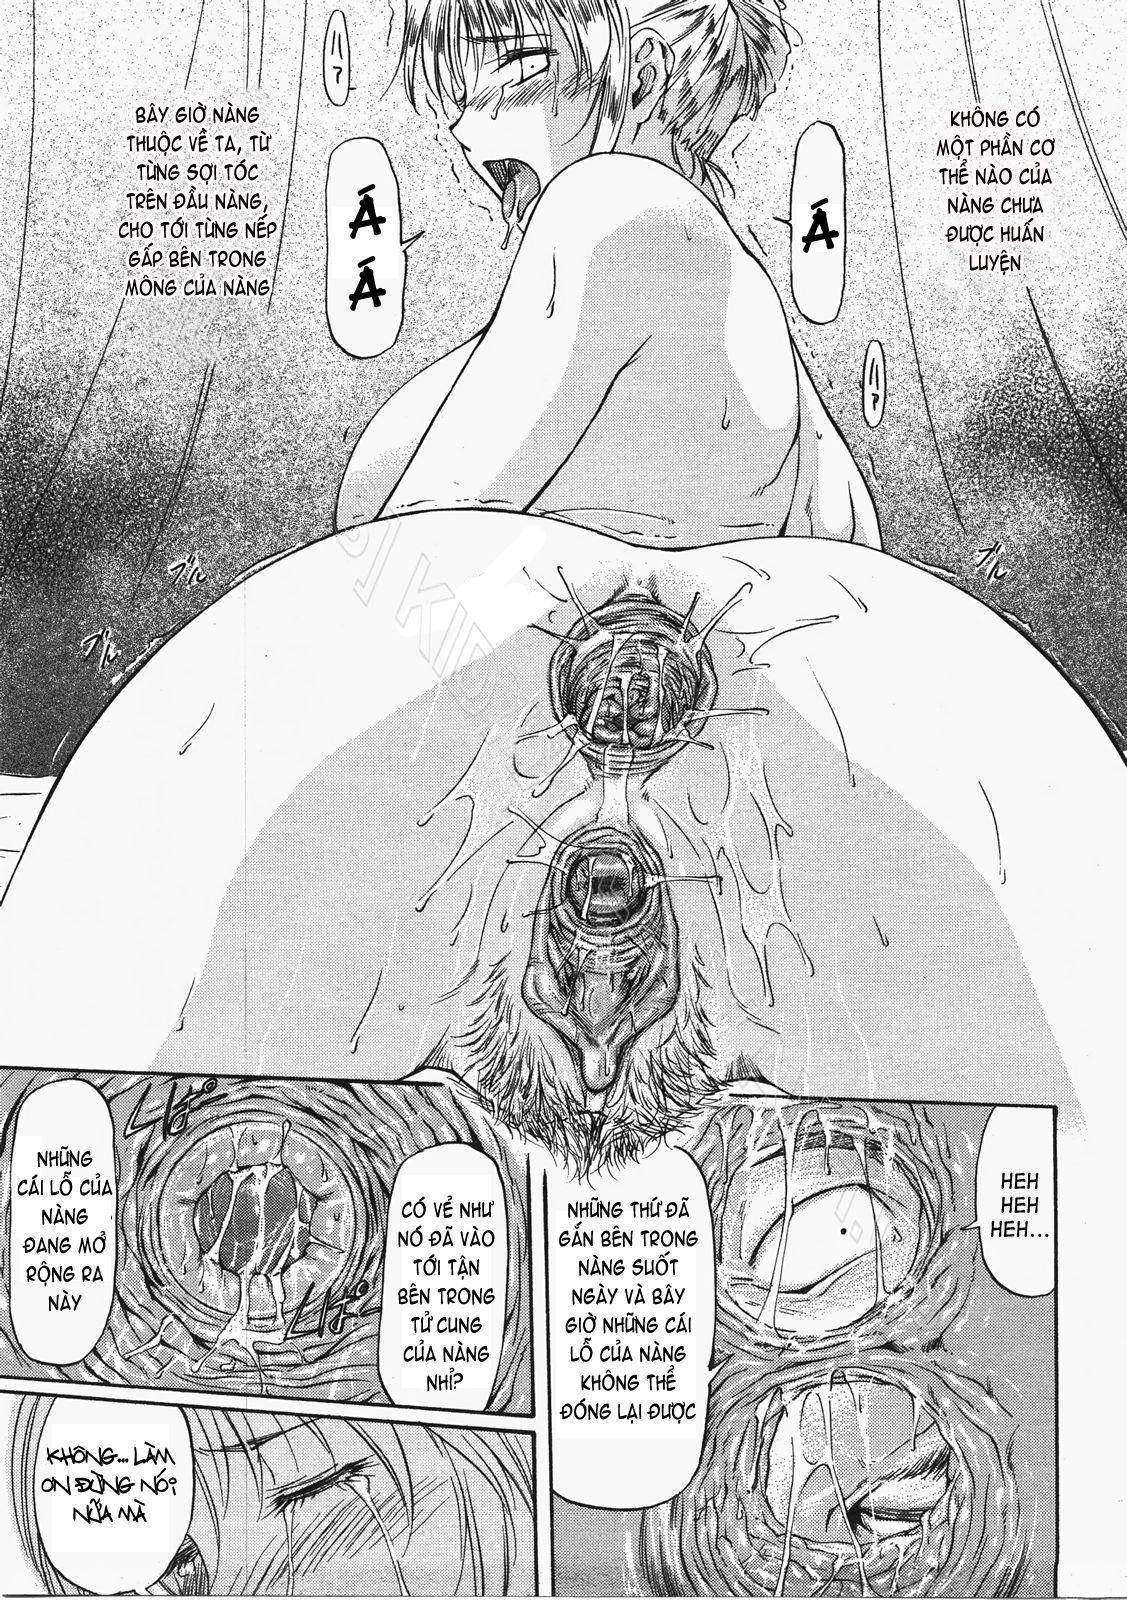 Hình ảnh Hinh_016 trong bài viết Truyện tranh hentai không che: Parabellum